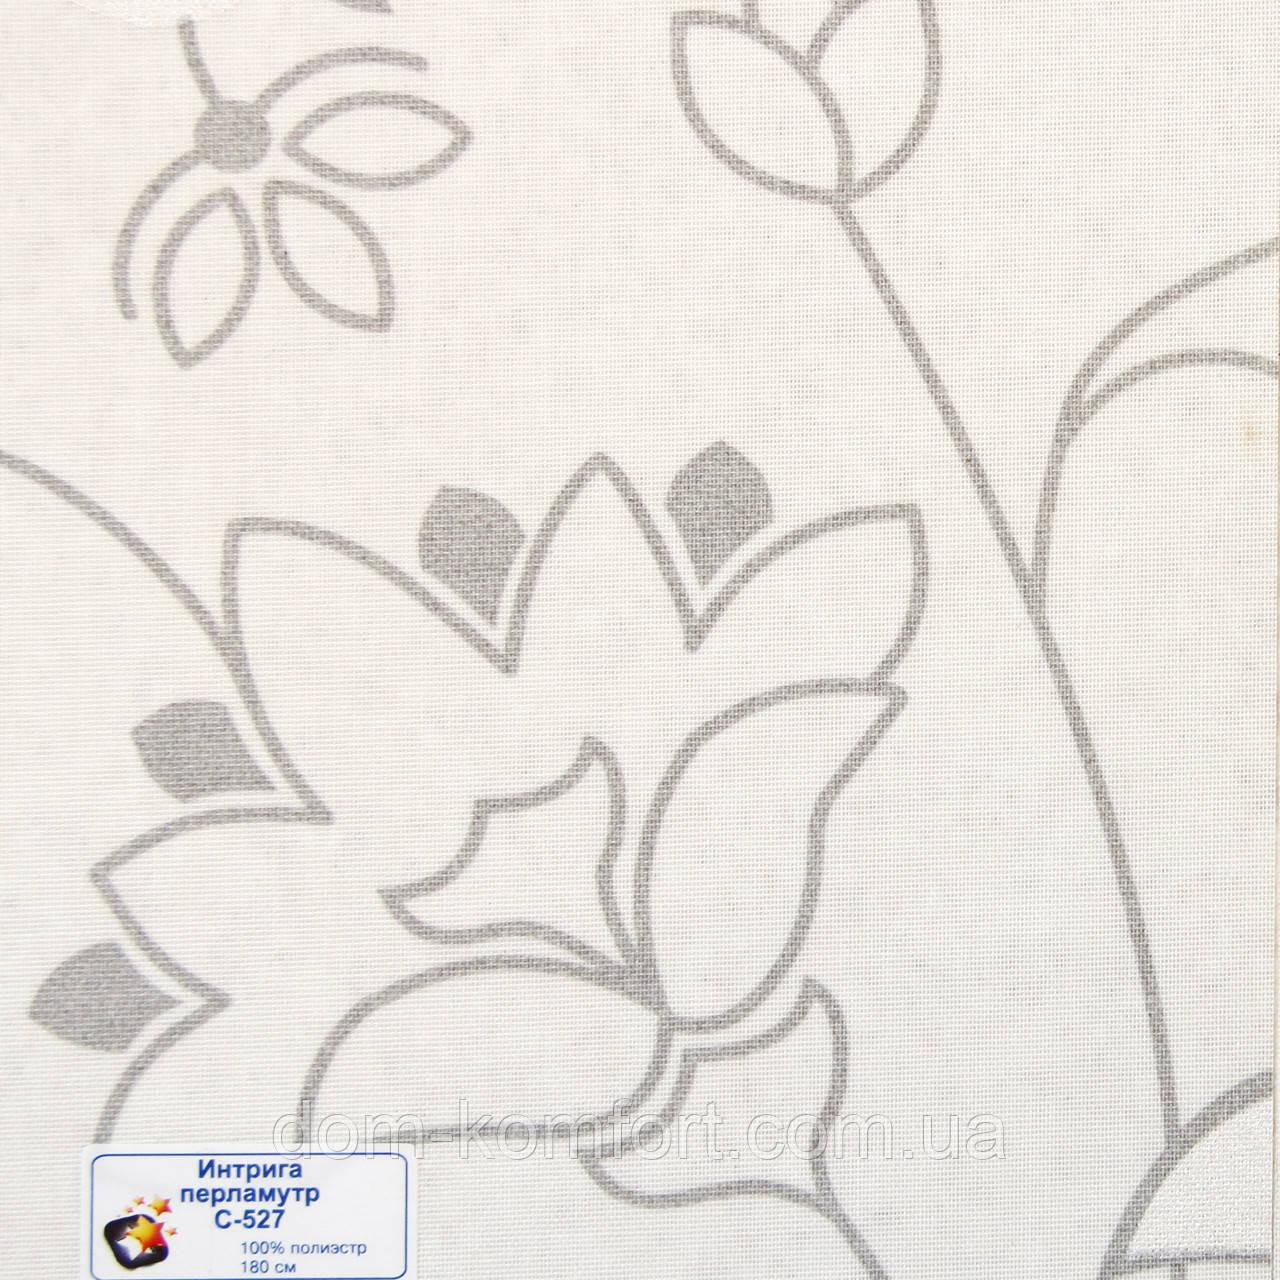 Рулонные шторы Ткань Интрига Перламутр (Квиты 5273/1)